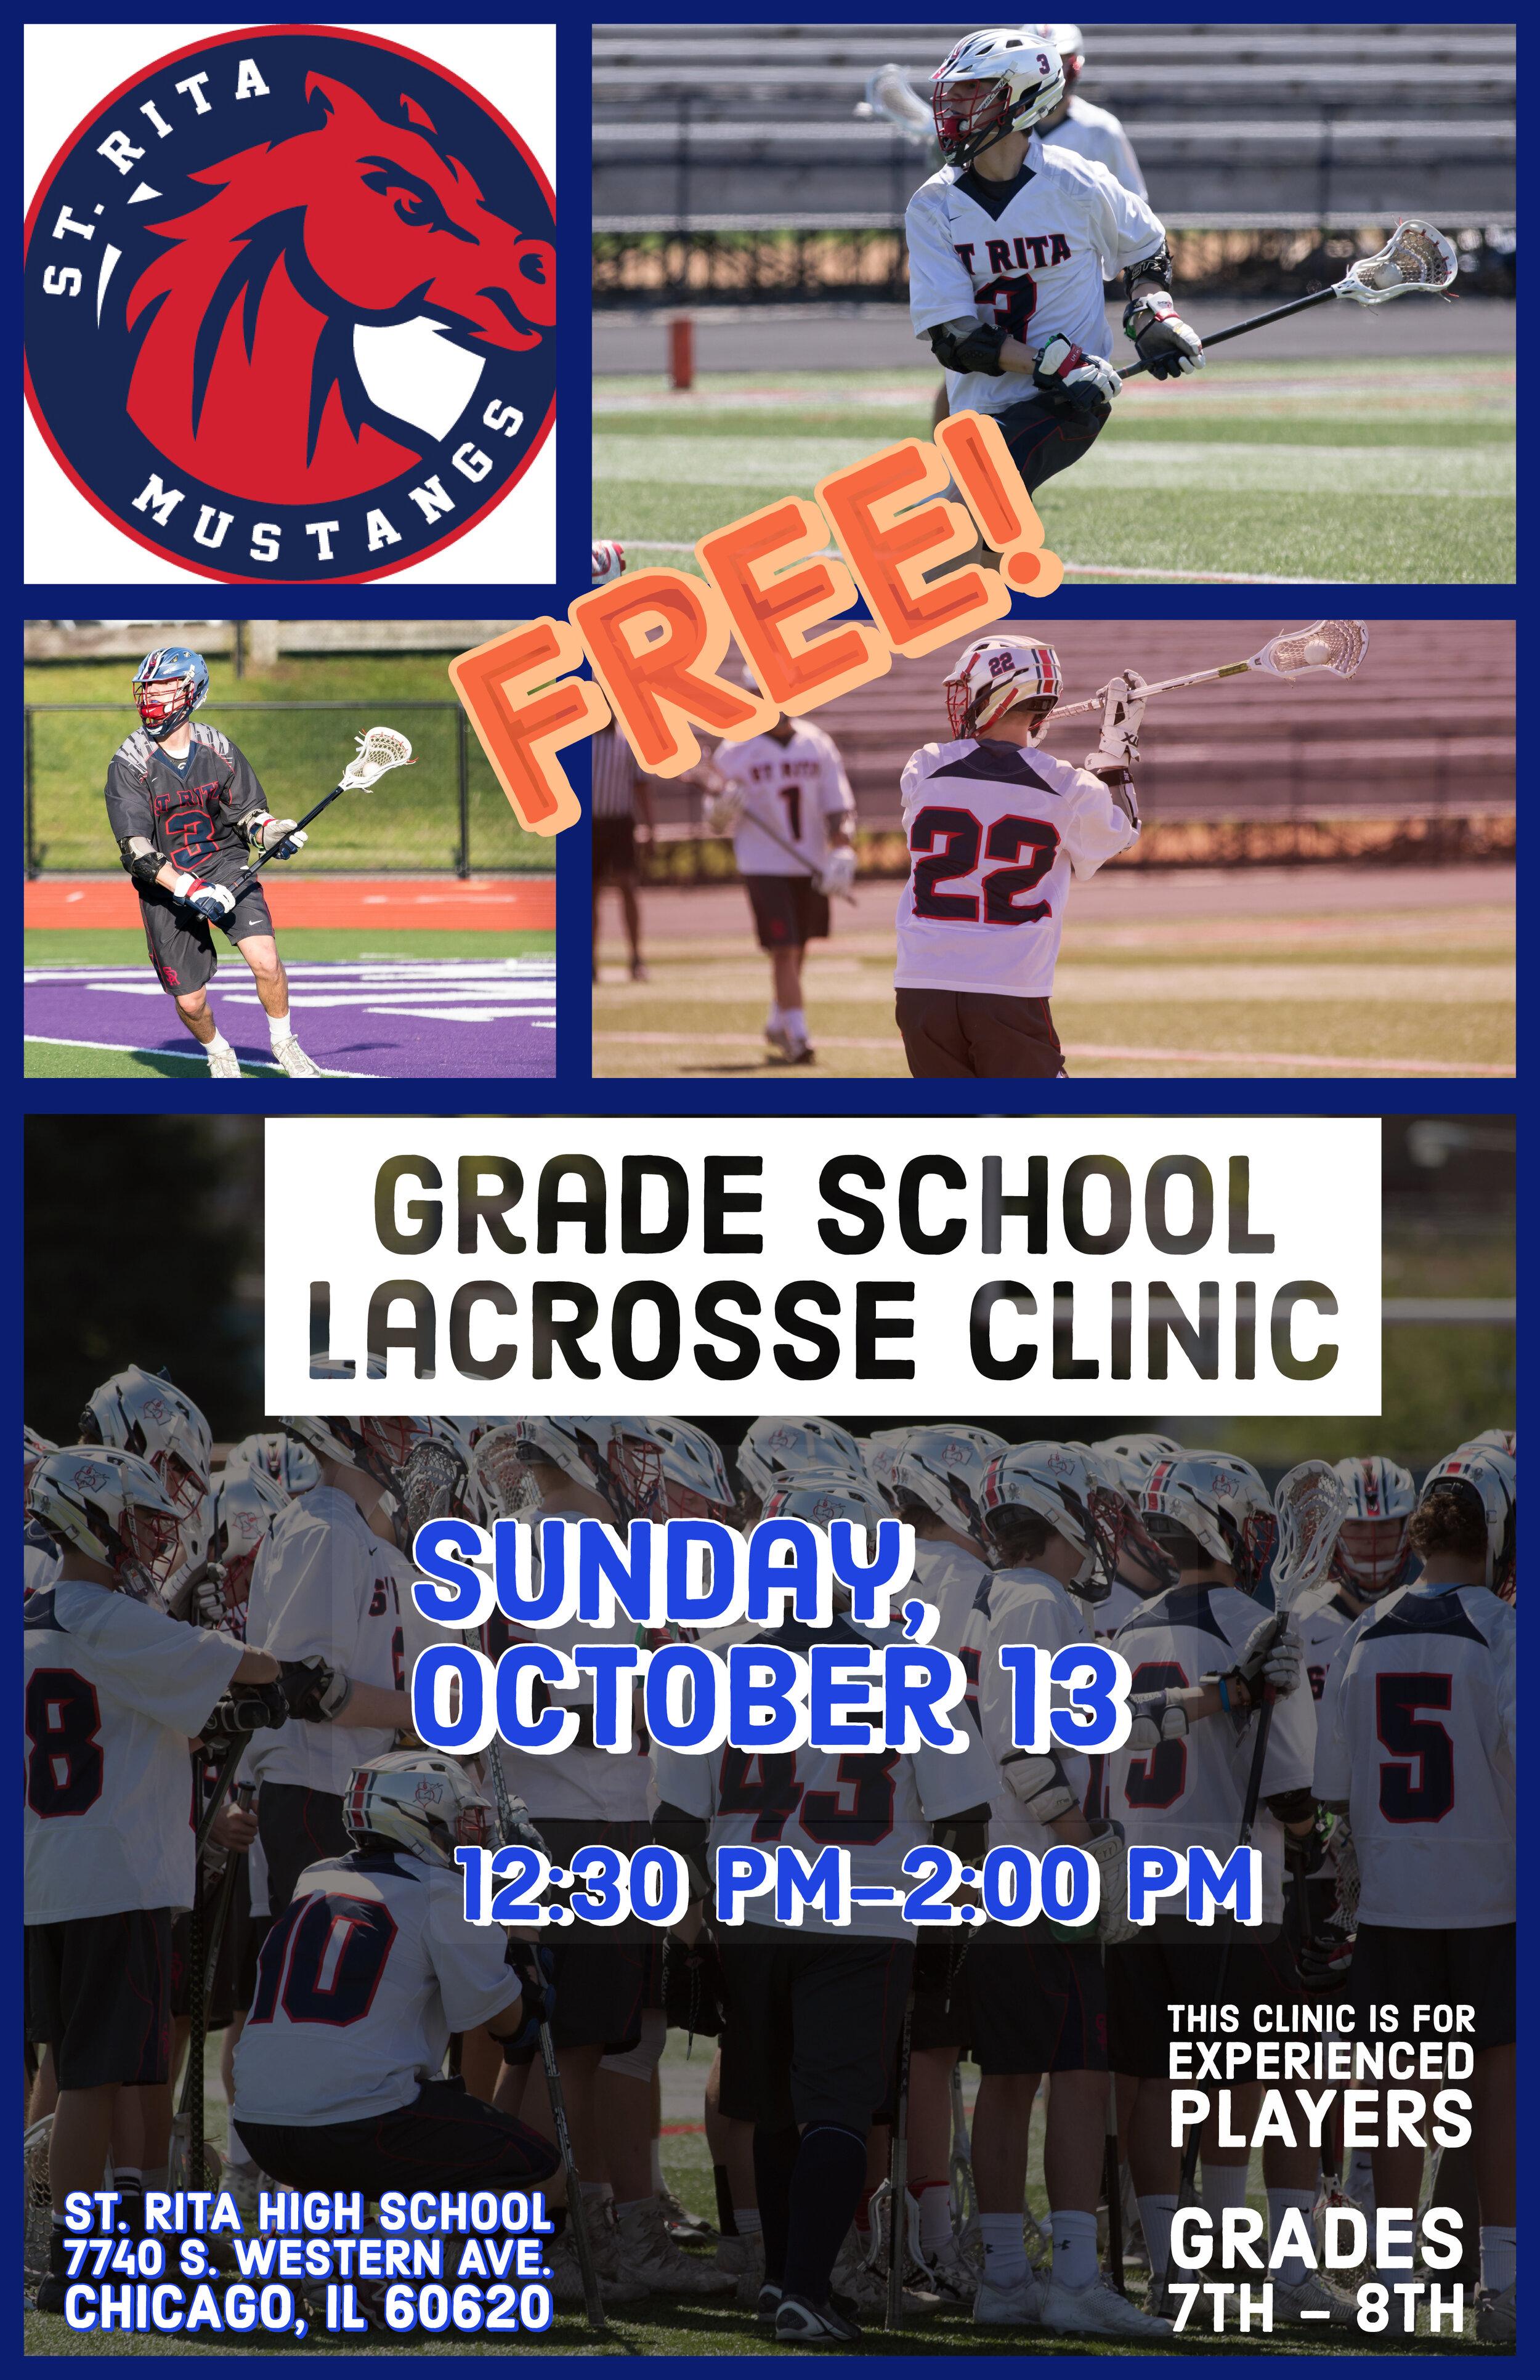 Fall Lacrosse Clinic 2019 Oct 13.jpg